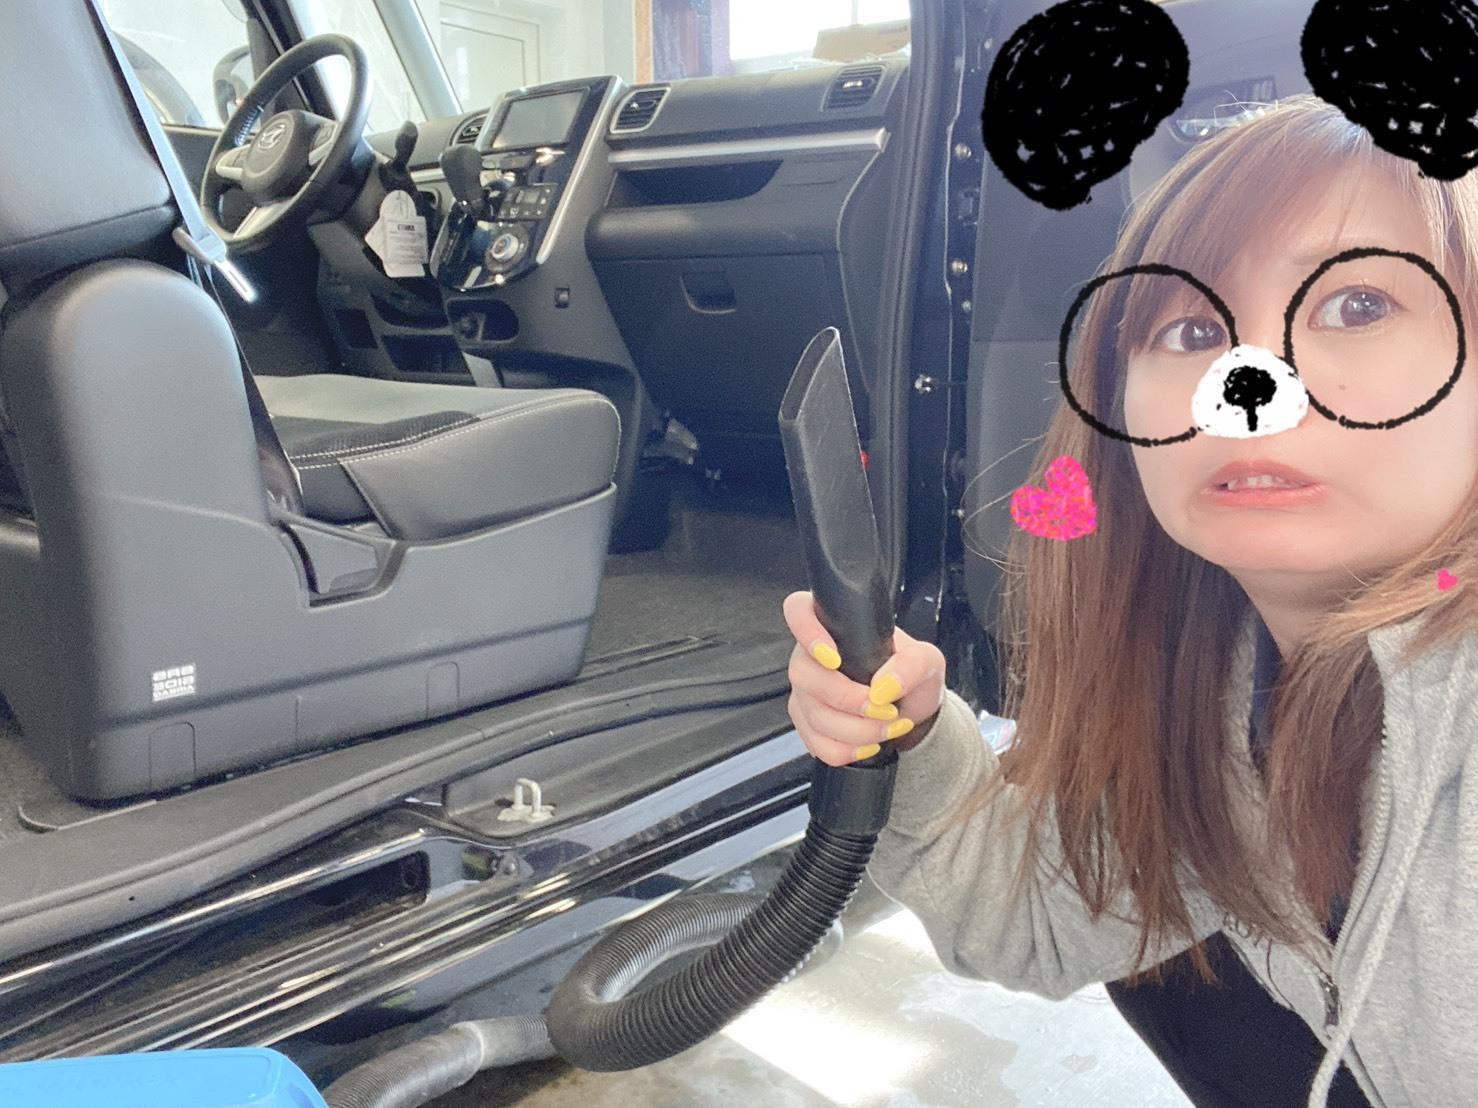 2月8日(土)♡ランクル200GX-R新車並行あります!!ランクル エスカレード チャレンジャー♡TOMMY♡_b0127002_18335303.jpg